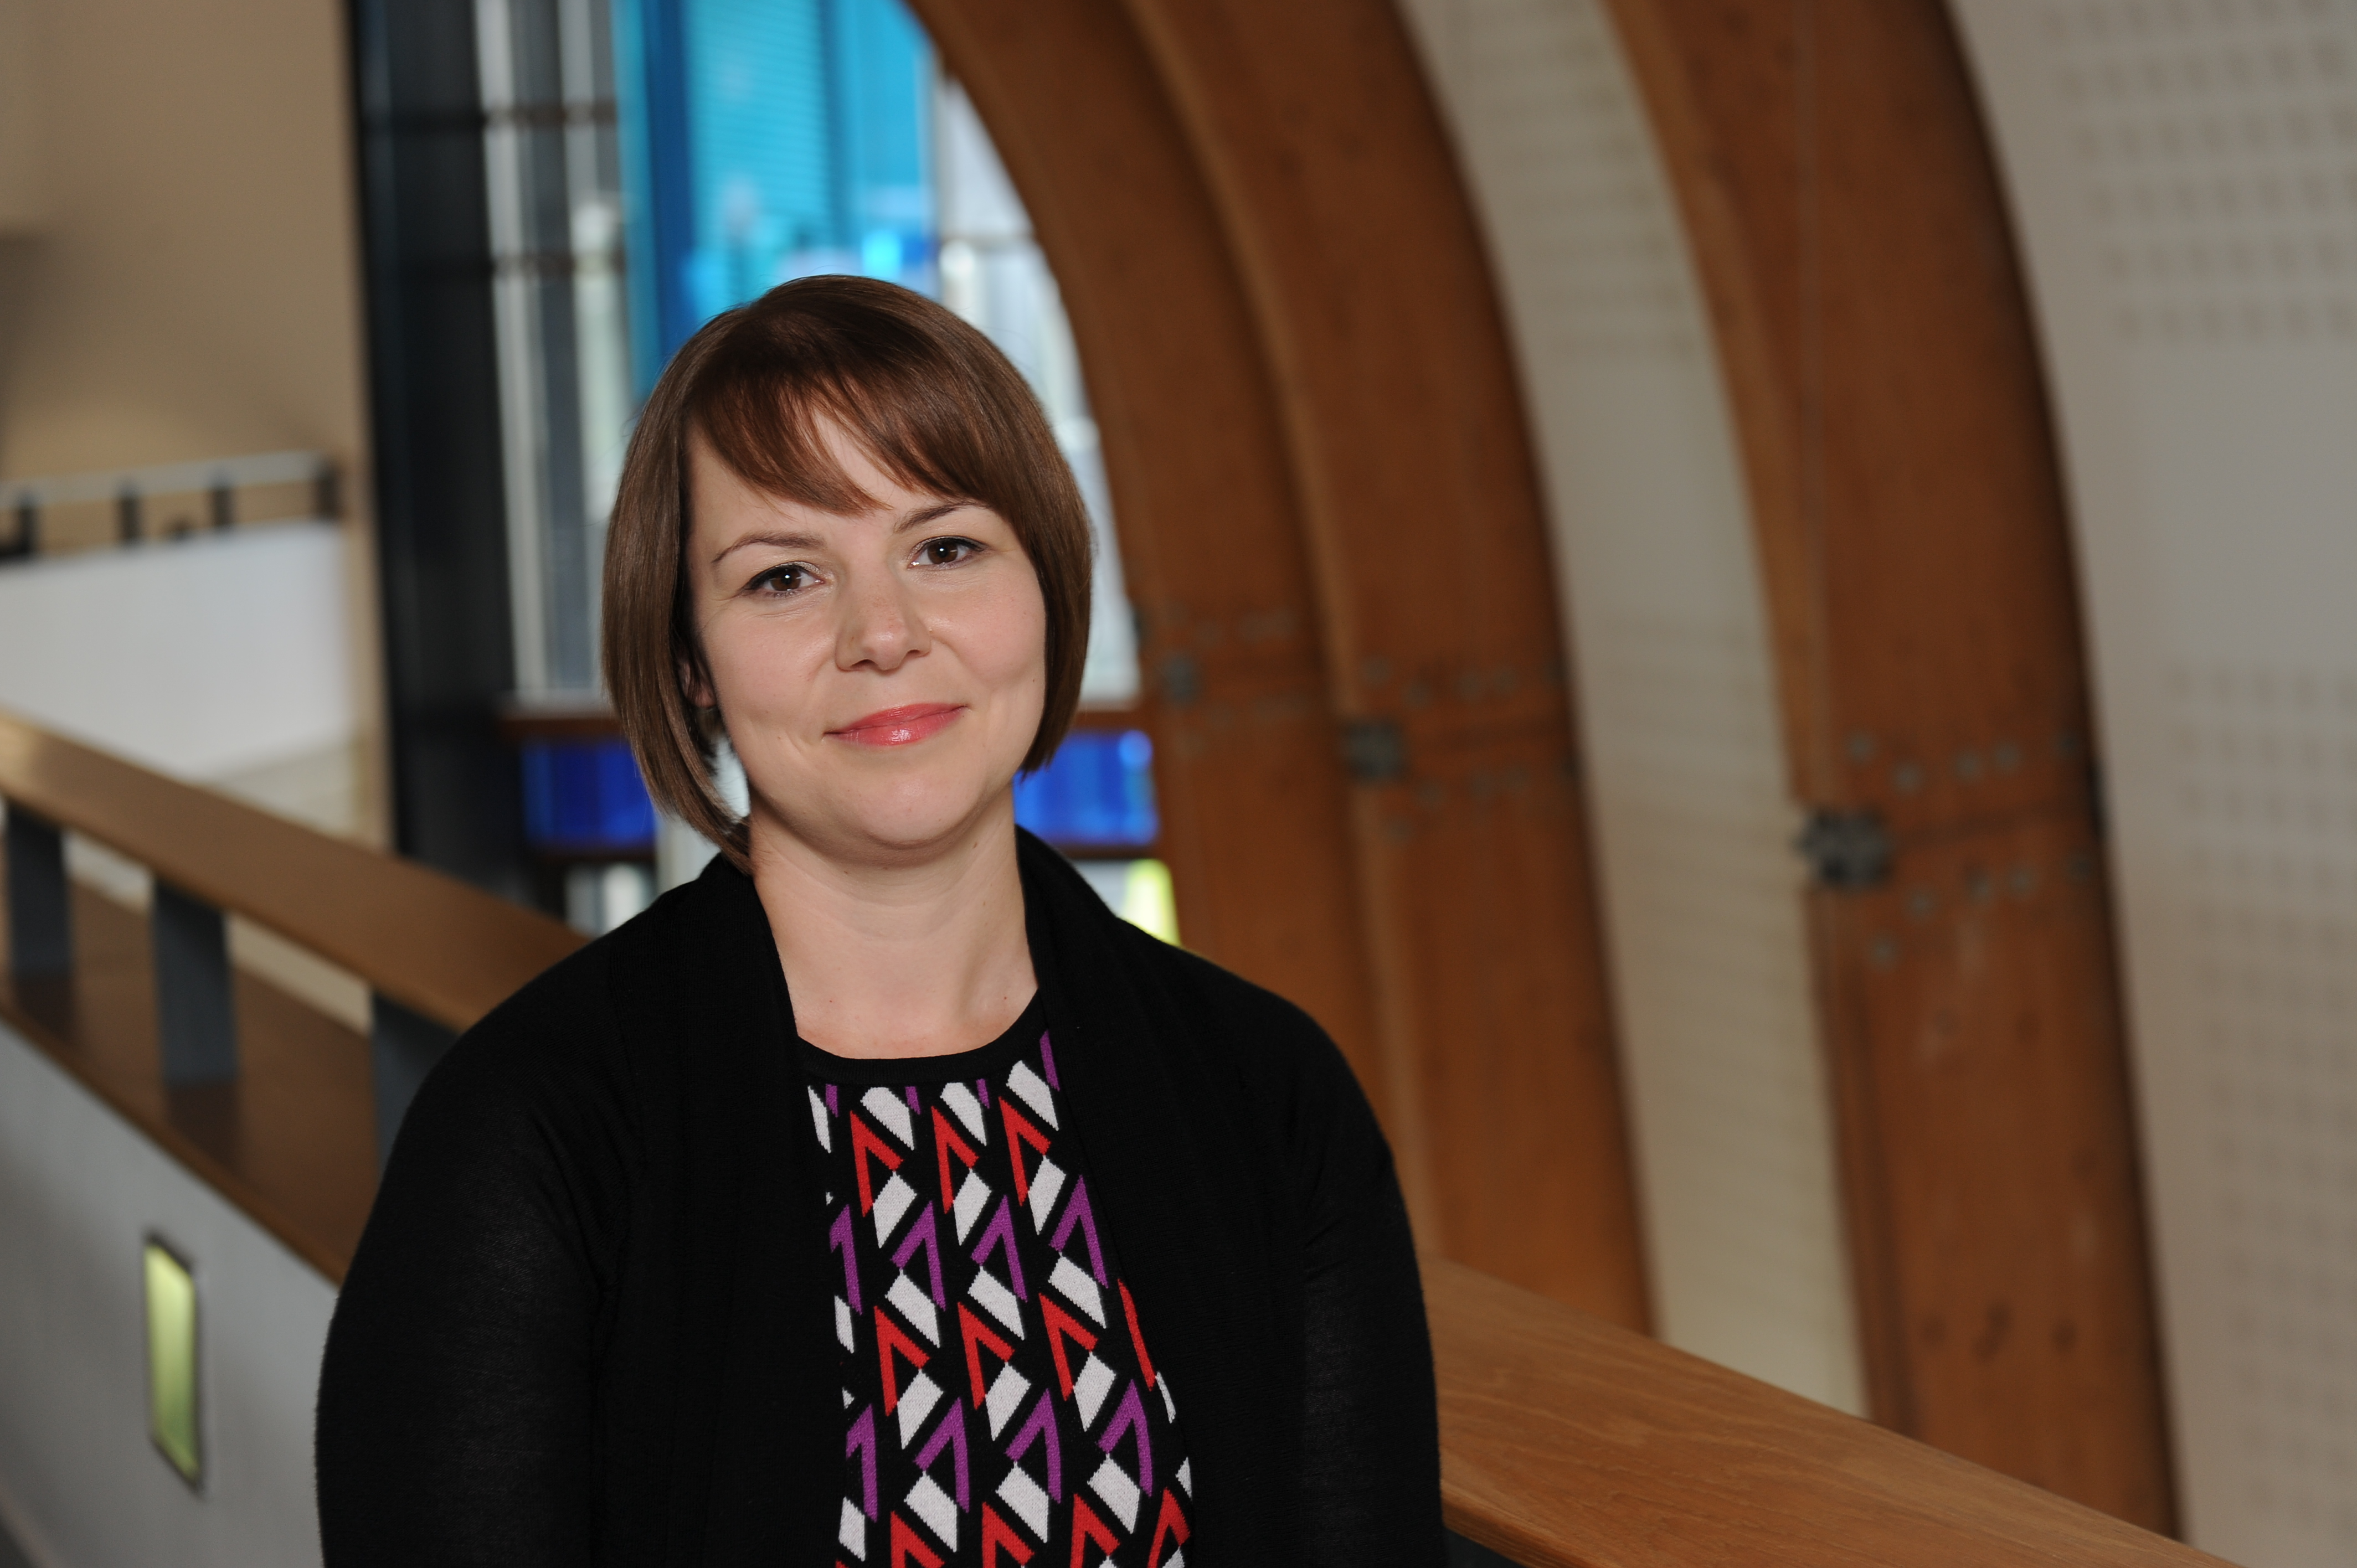 Dr Caroline Rook